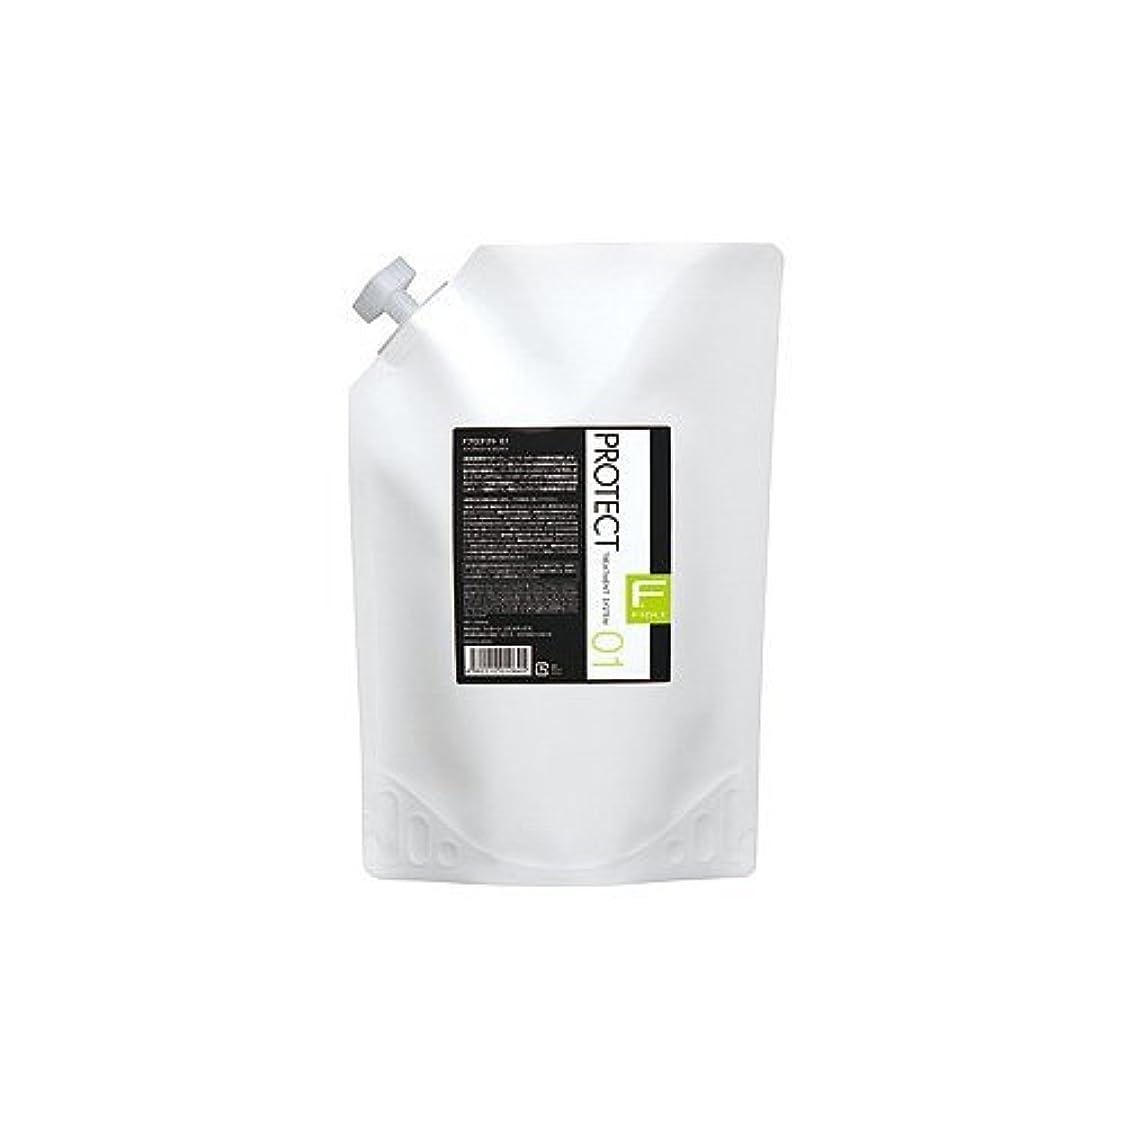 成分飢えリスクFIOLE フィヨーレ Fプロテクト01 トリートメントシステム 1500ml (業務用) 詰替え用【国内正規品】